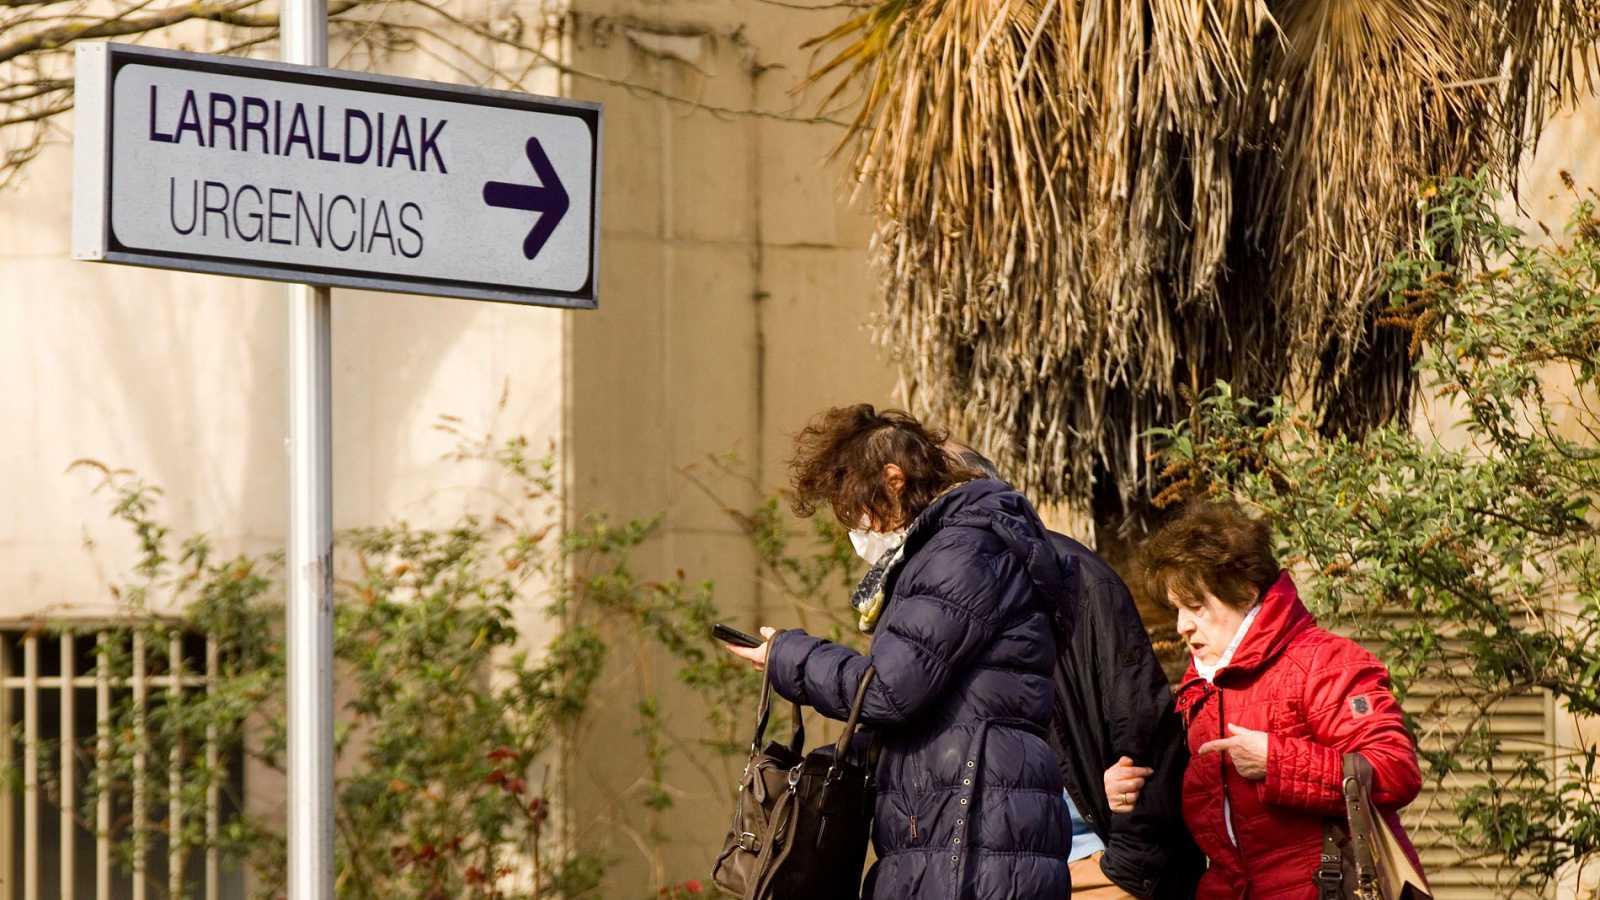 Una mujer sale del hospital Universitario de Álava-Txagorritxu en Vitoria este martes protegida con una mascarilla